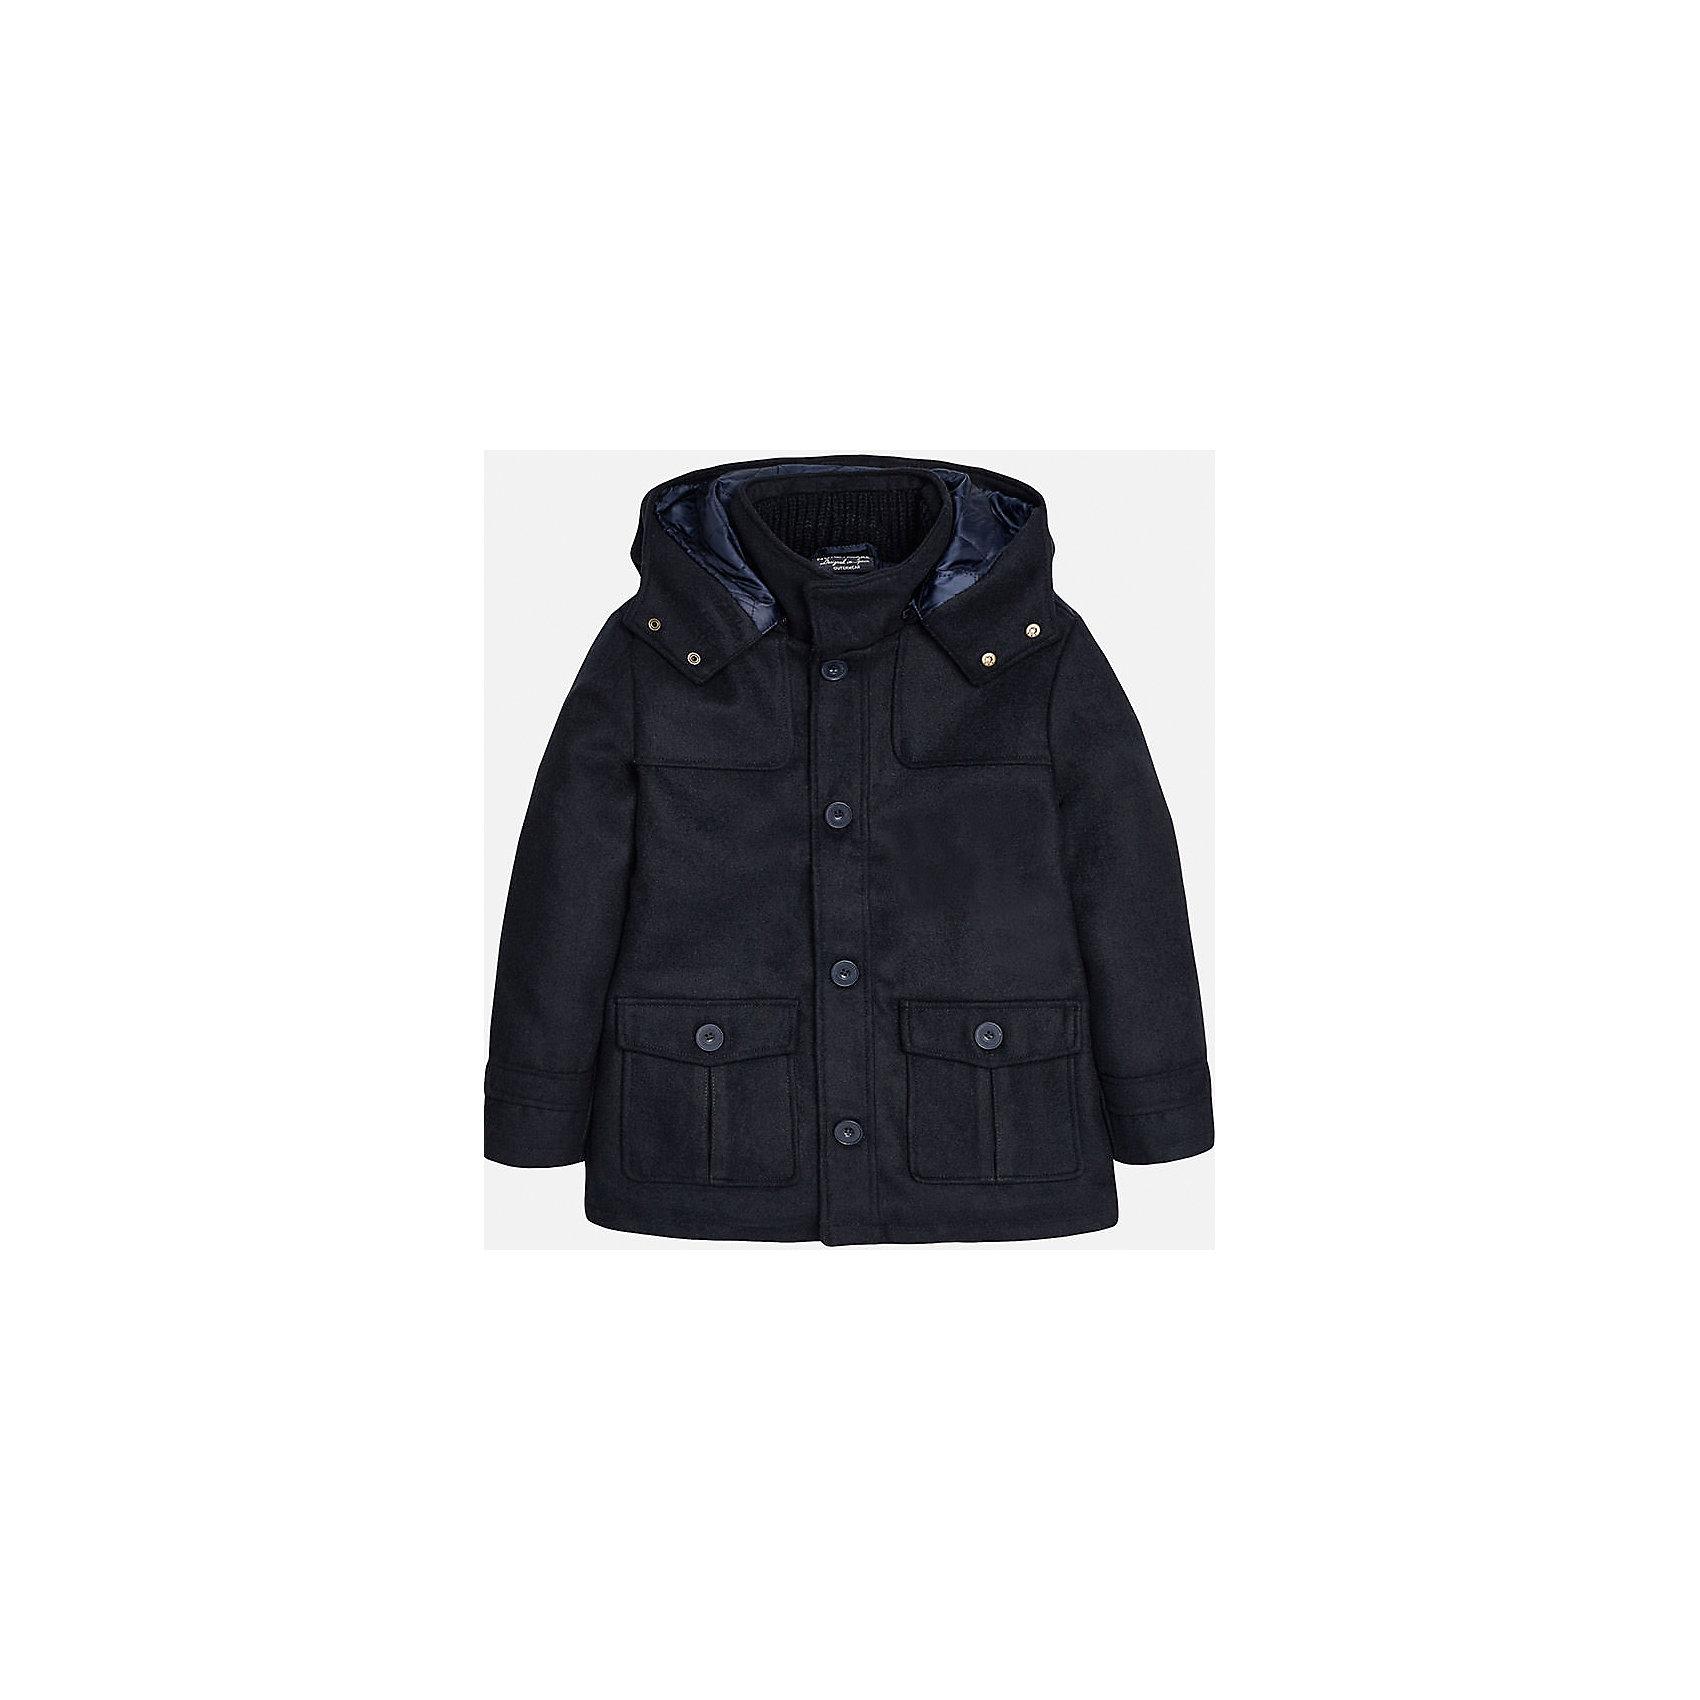 Куртка для мальчика MayoralДемисезонные куртки<br>Куртка для мальчика из коллекции осень-зима 2016-2017 известного испанского бренда Mayoral (Майорал). Стильная и удобная куртка придет по вкусу вашему ребенку. Приятный антрацитовый цвет отлично сочетается с дизайном куртки. Куртка застегивается на молнию, а также имеет 4 пуговицы с дизайном бренда, имются два больших кармана.  Эта куртка отлично подойдет к брюкам, а также к джинсам или штанам спортивного стиля.<br><br>Дополнительная информация:<br><br>- Рукав: длинный<br>- Силуэт: расширяющийся к низу<br>Состав: полиэстер 46%, акрил 46%, полиамид 5%, шерсть 3%<br><br>Куртку для мальчиков Mayoral (Майорал) можно купить в нашем интернет-магазине.<br><br>Подробнее:<br>• Для детей в возрасте: от 10 до 16 лет<br>• Номер товара: 4827149<br>Страна производитель: Китай<br><br>Ширина мм: 356<br>Глубина мм: 10<br>Высота мм: 245<br>Вес г: 519<br>Цвет: синий<br>Возраст от месяцев: 156<br>Возраст до месяцев: 168<br>Пол: Мужской<br>Возраст: Детский<br>Размер: 158/164,152/158,164/170,146/152,128/134,140/146<br>SKU: 4827148